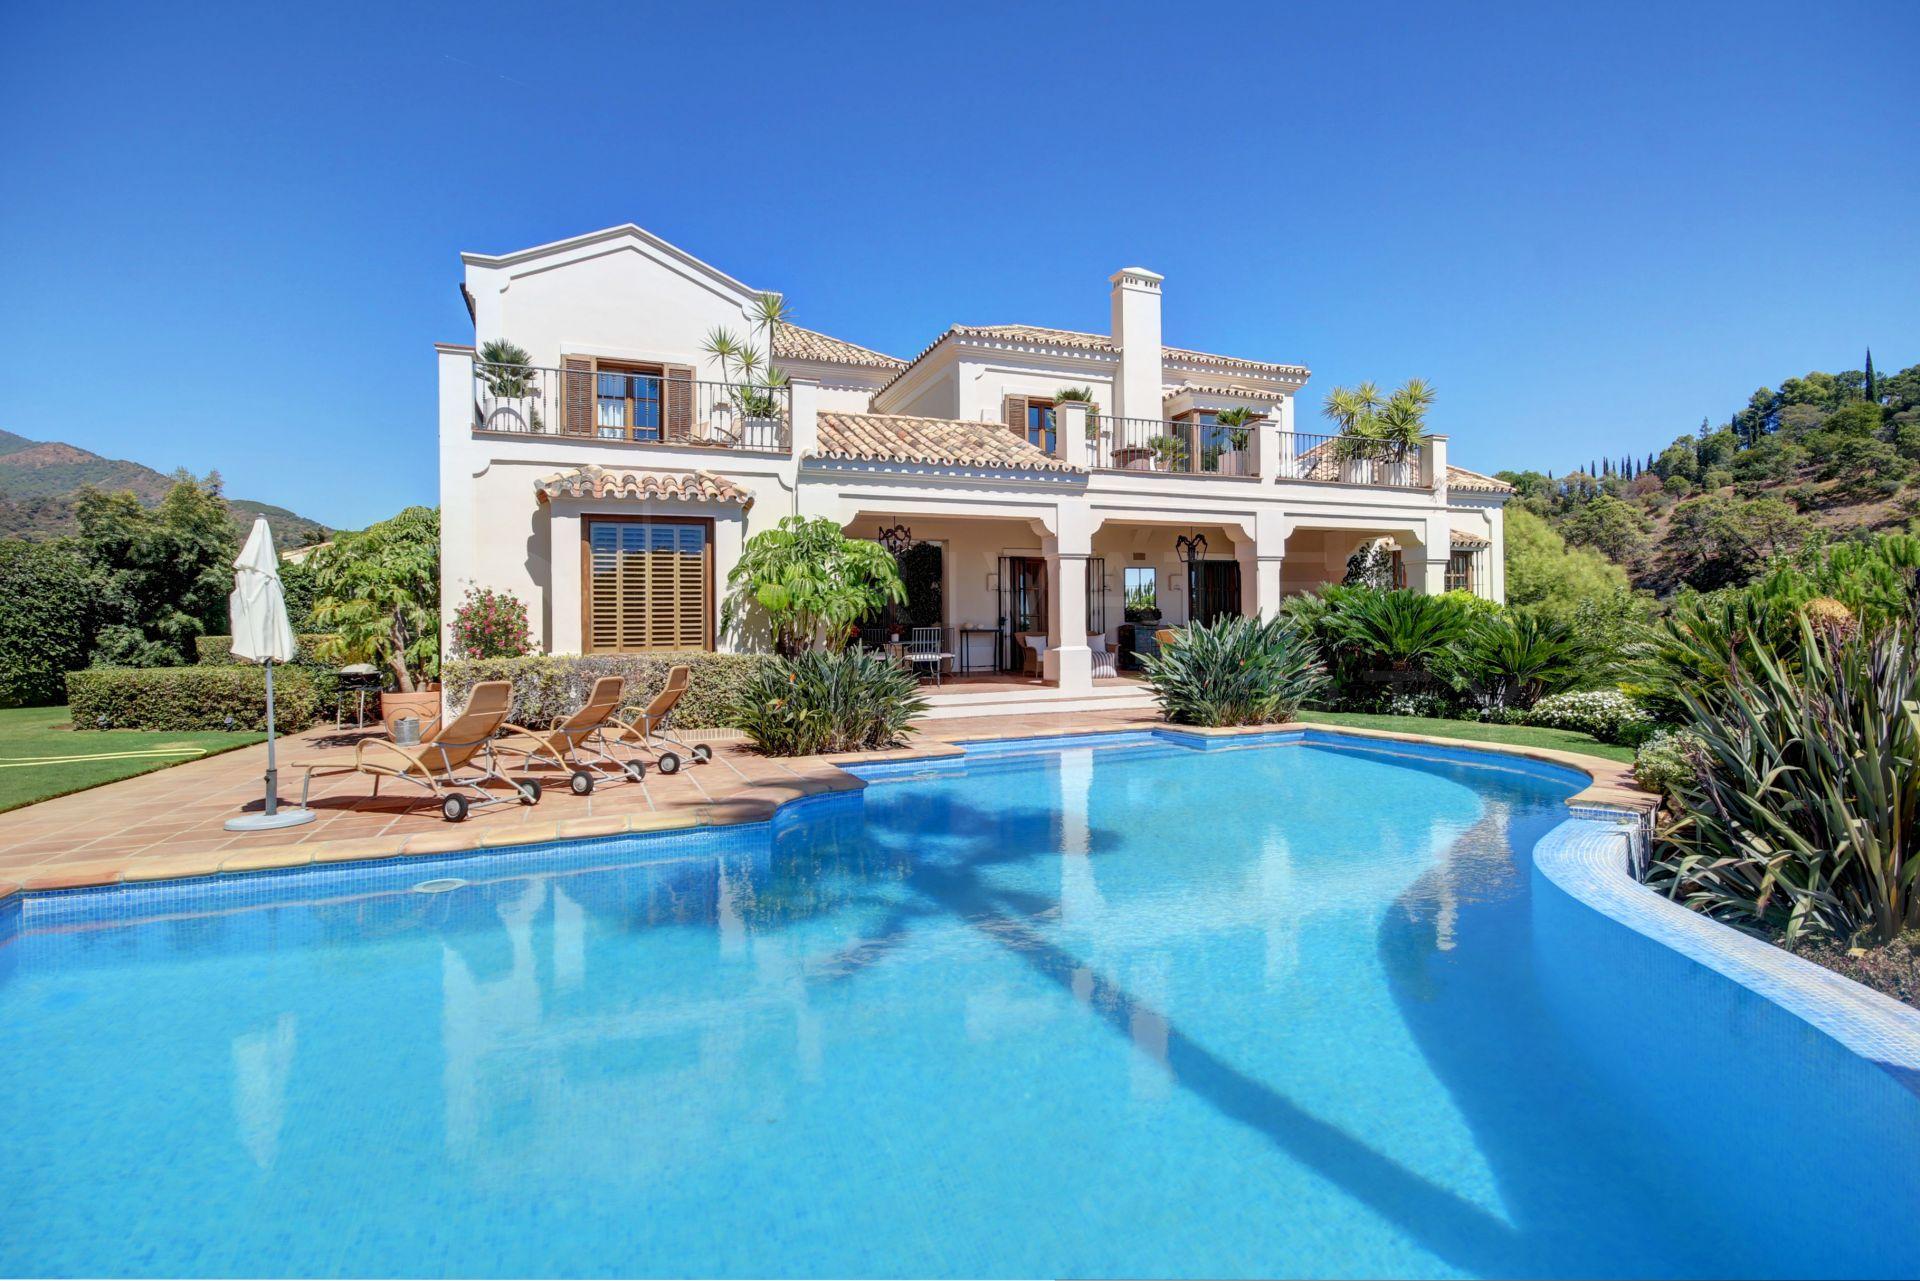 Beautiful villa in El Madronal